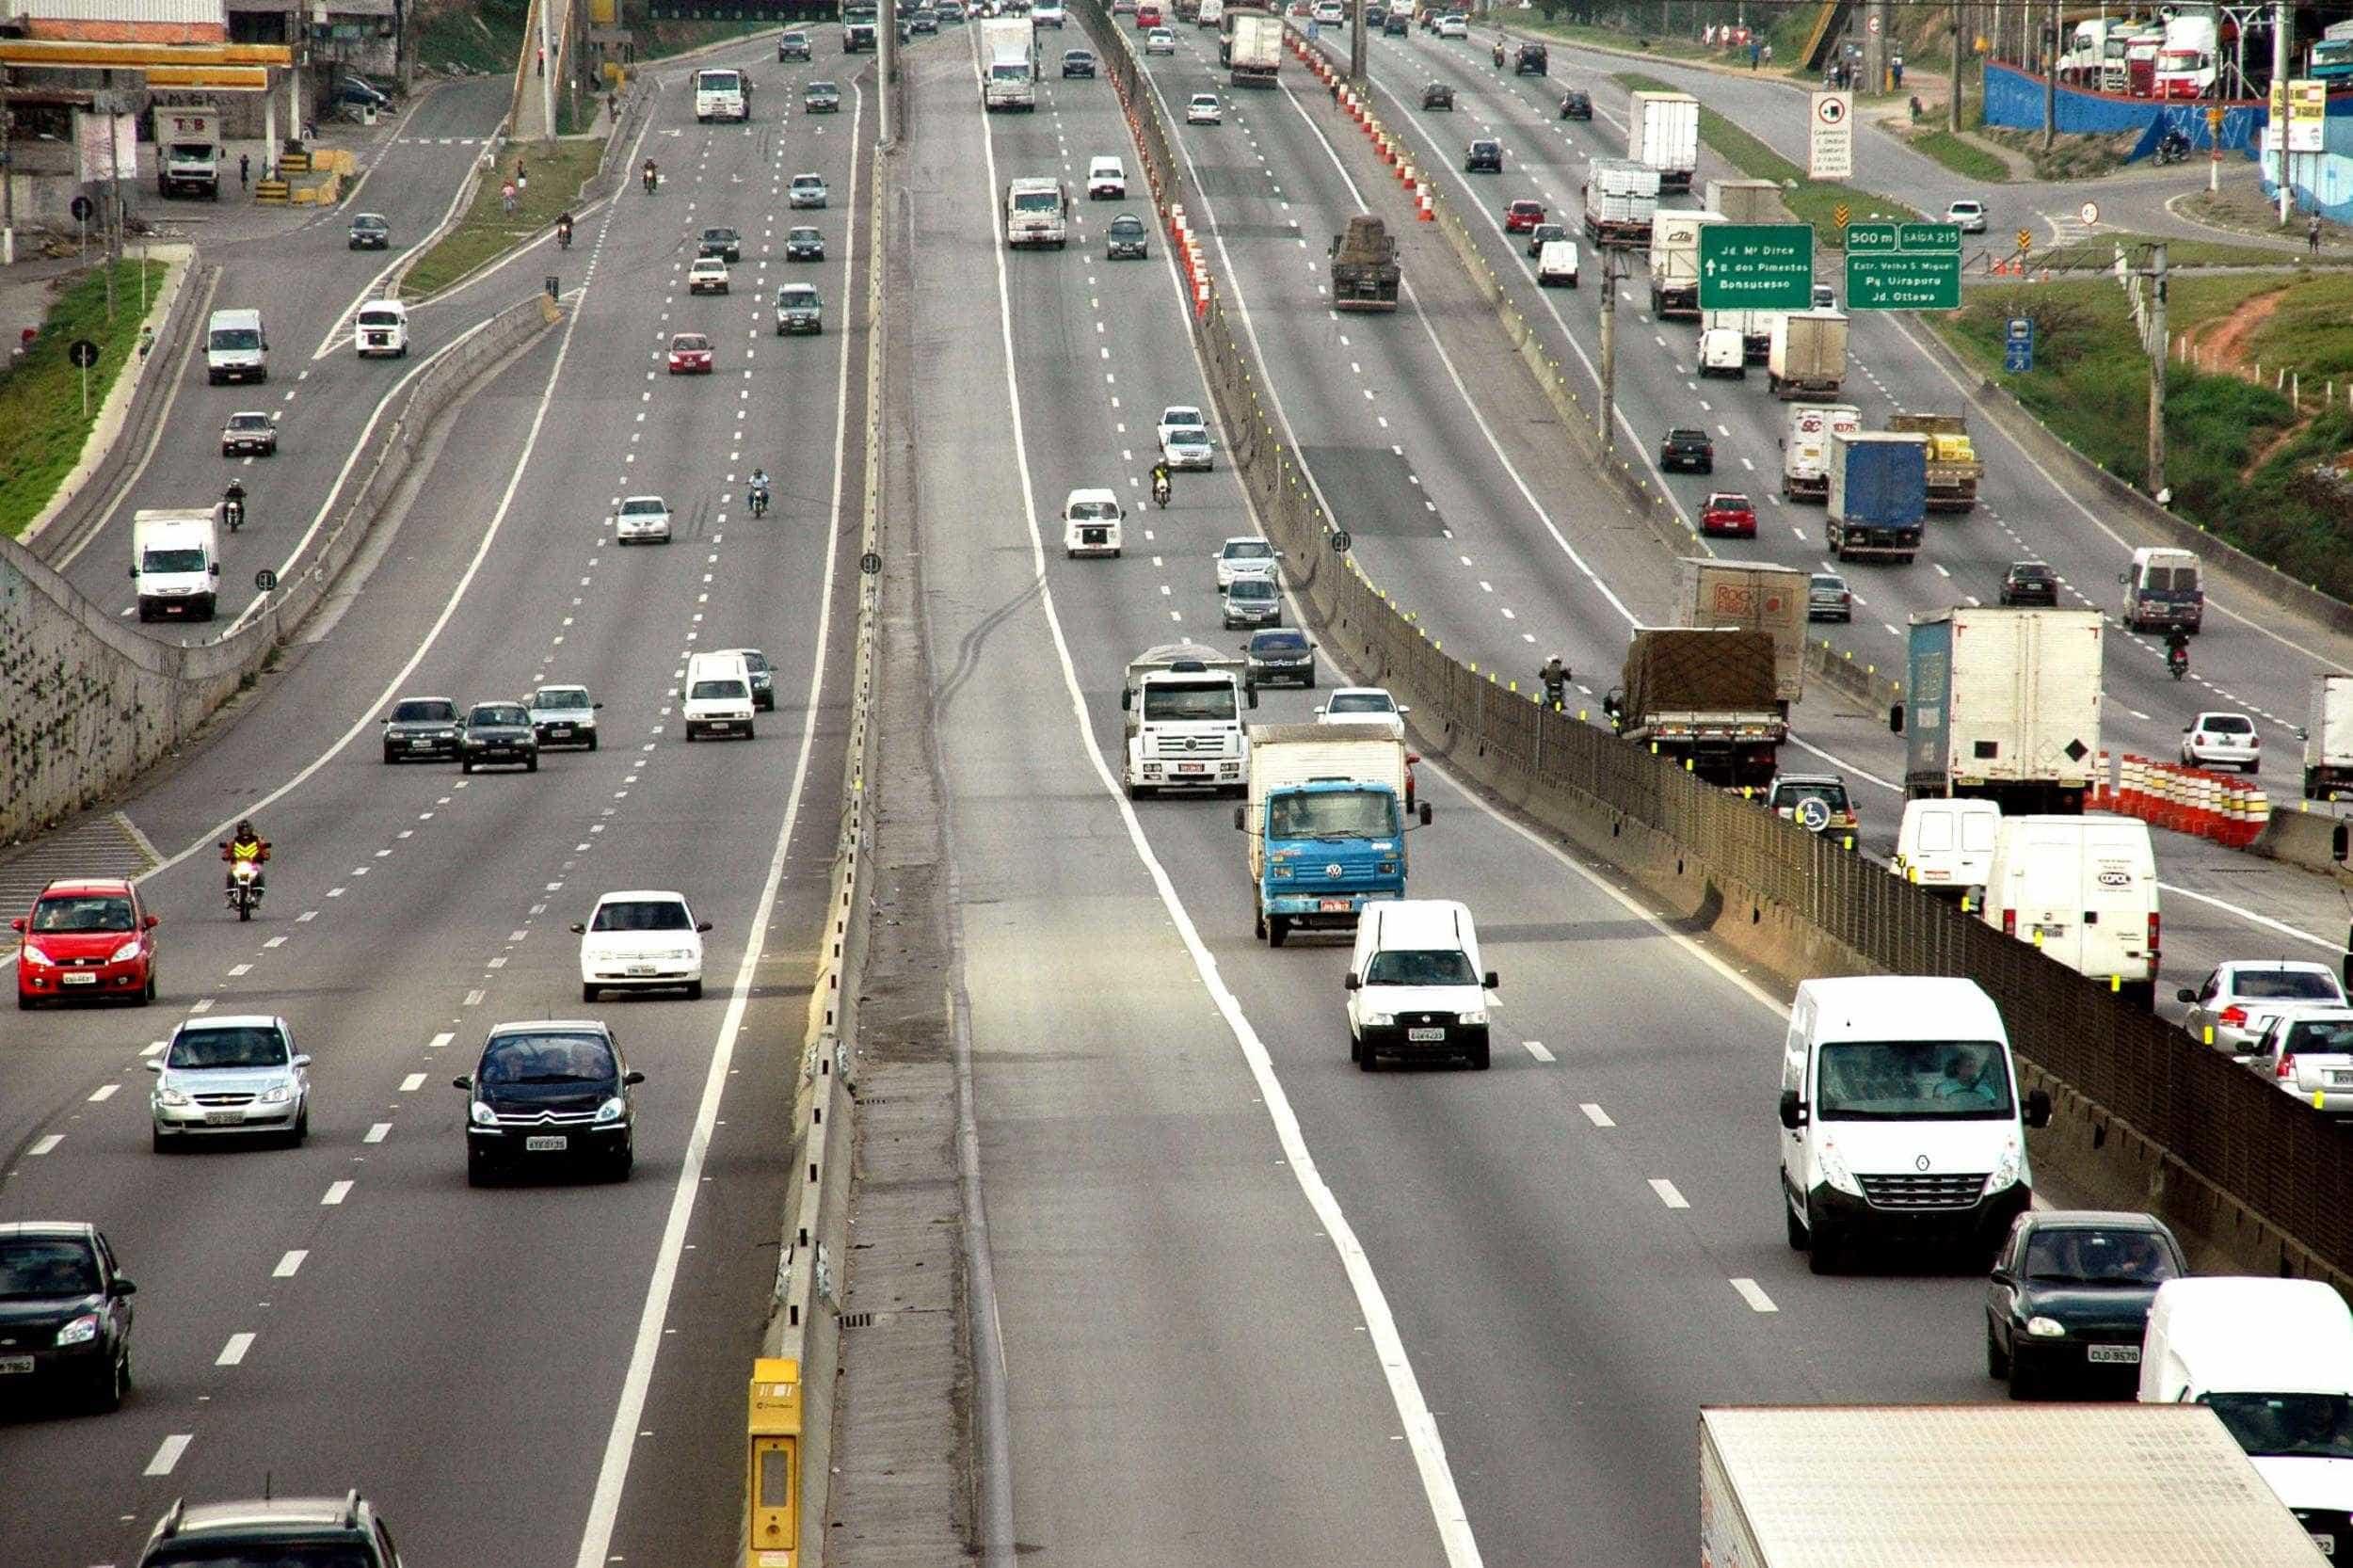 Sem verba para investimentos, governo fará concessão de rodovias